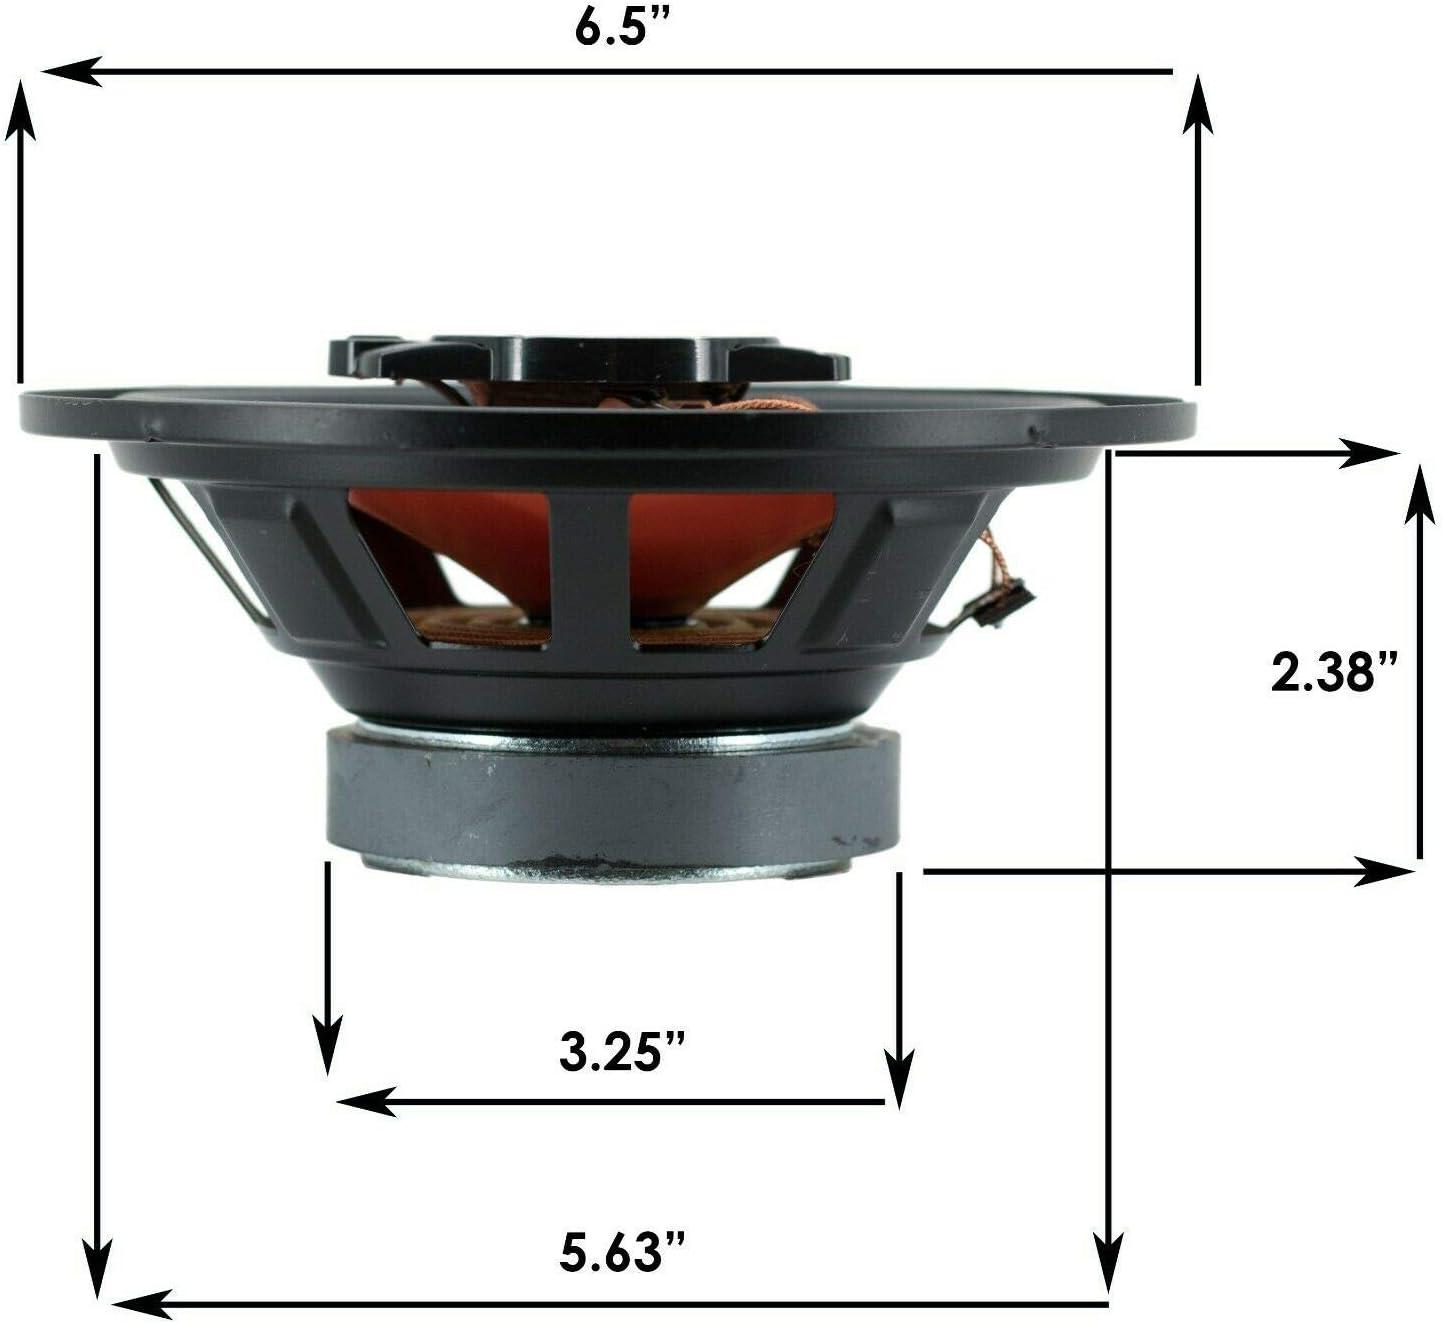 AB674 Pair of Audiobank 6.5 600 Watt 3-Way Orange Car Audio Stereo Coaxial Speaker